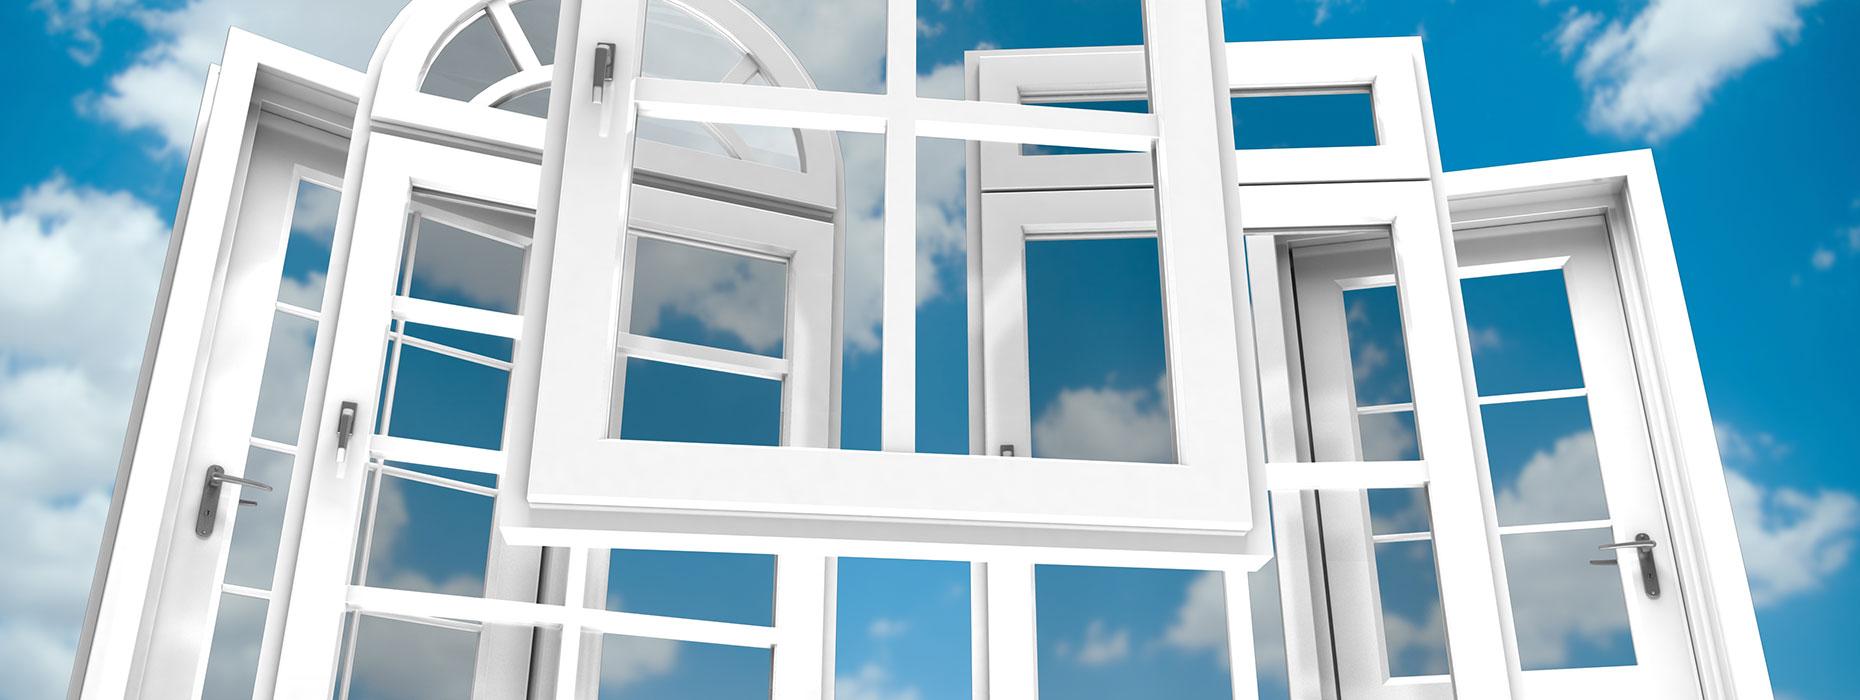 Vetri per finestre a bergamo brescia e milano covea vetri - Vetri colorati per finestre ...